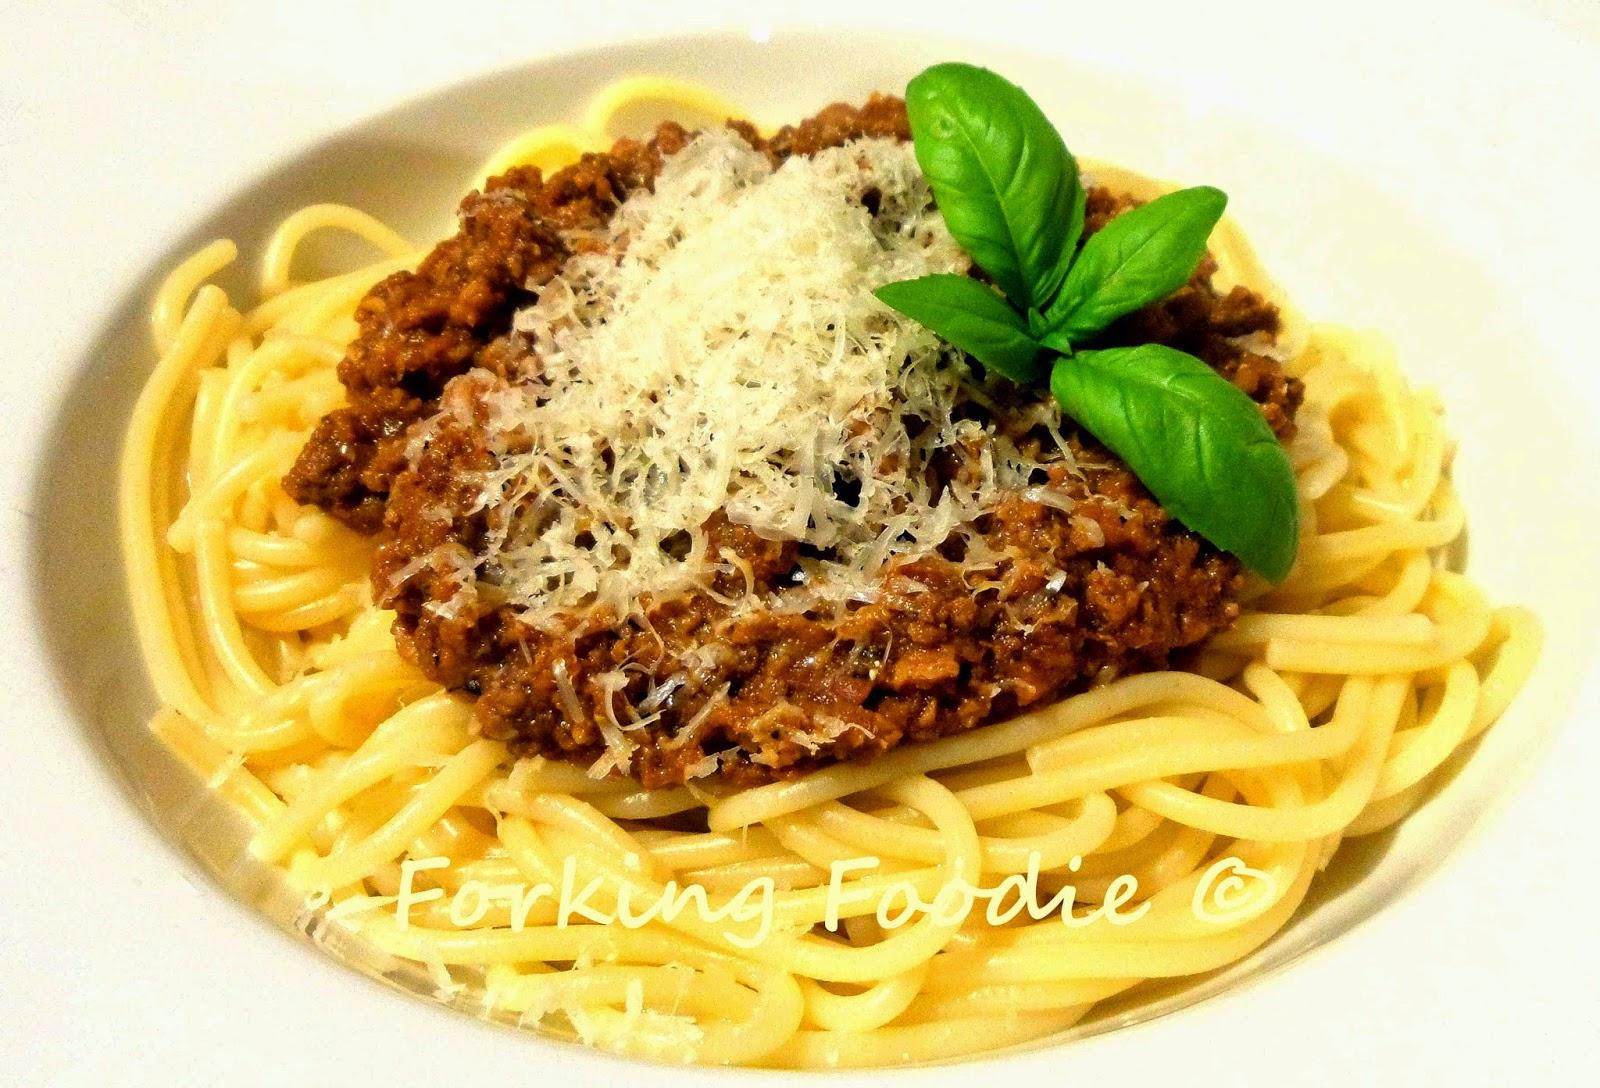 Thermomix spaghetti bolognese